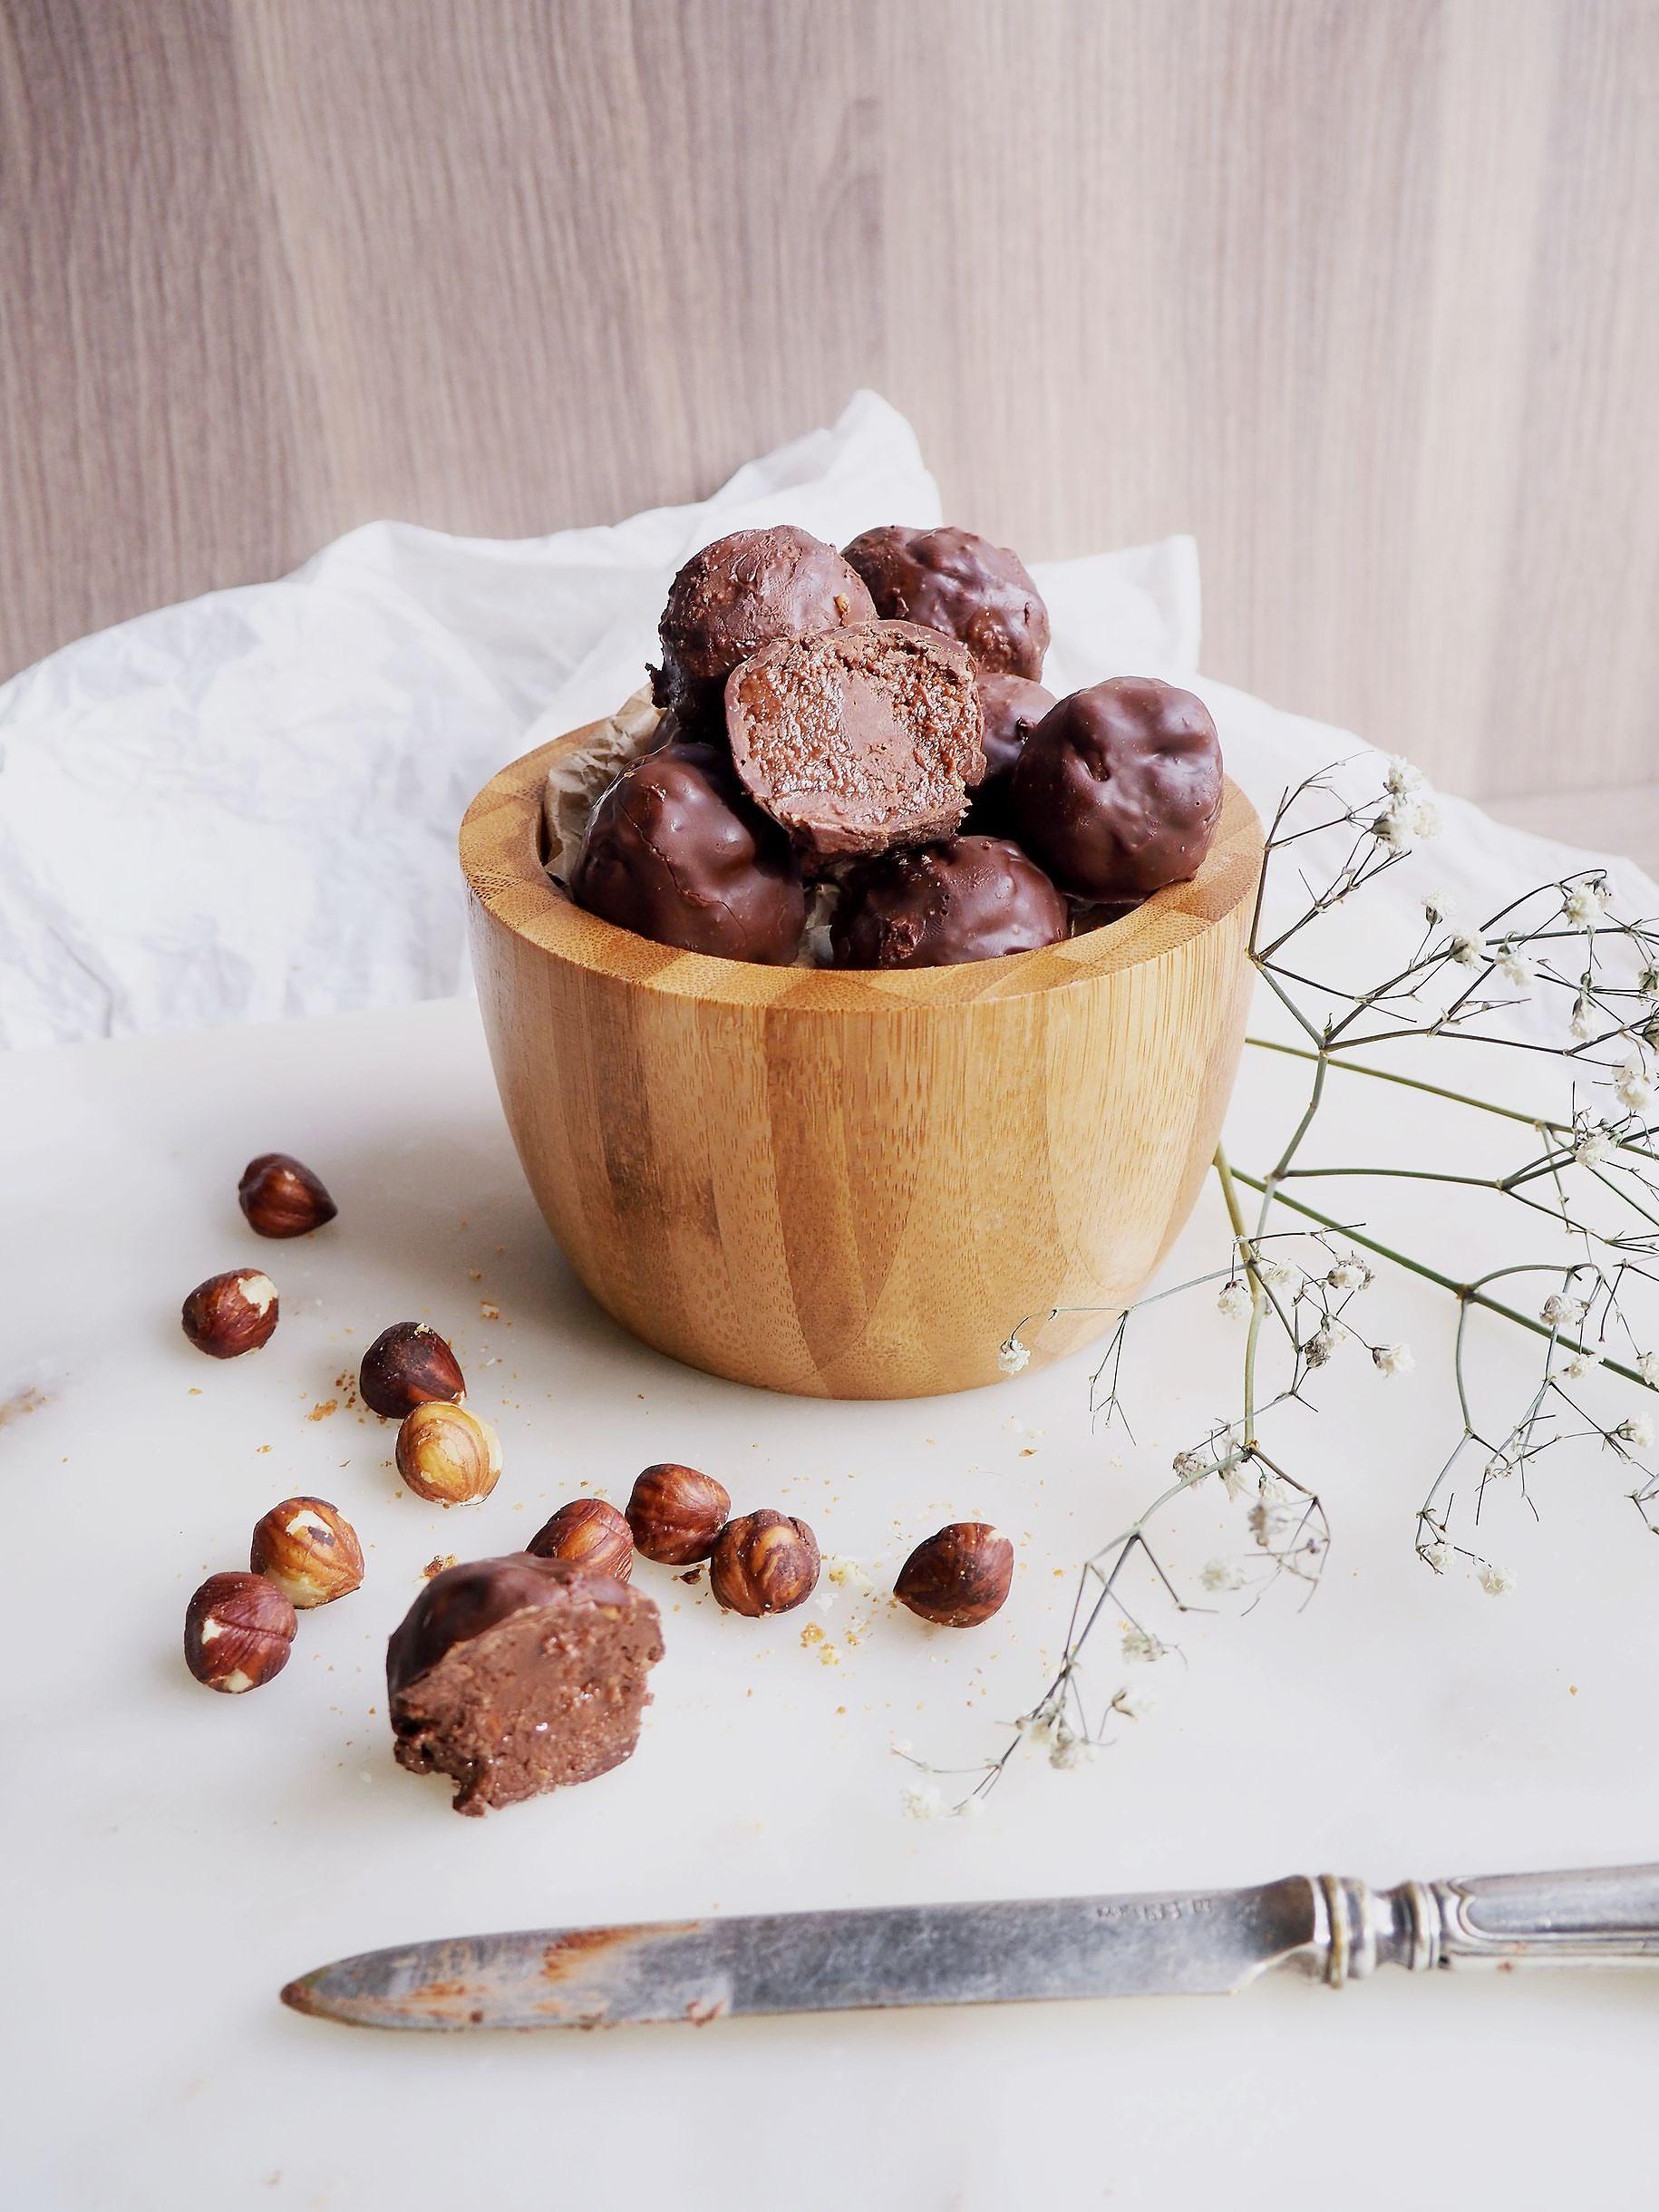 Vegan Chocolate Nougat with Hazelnut